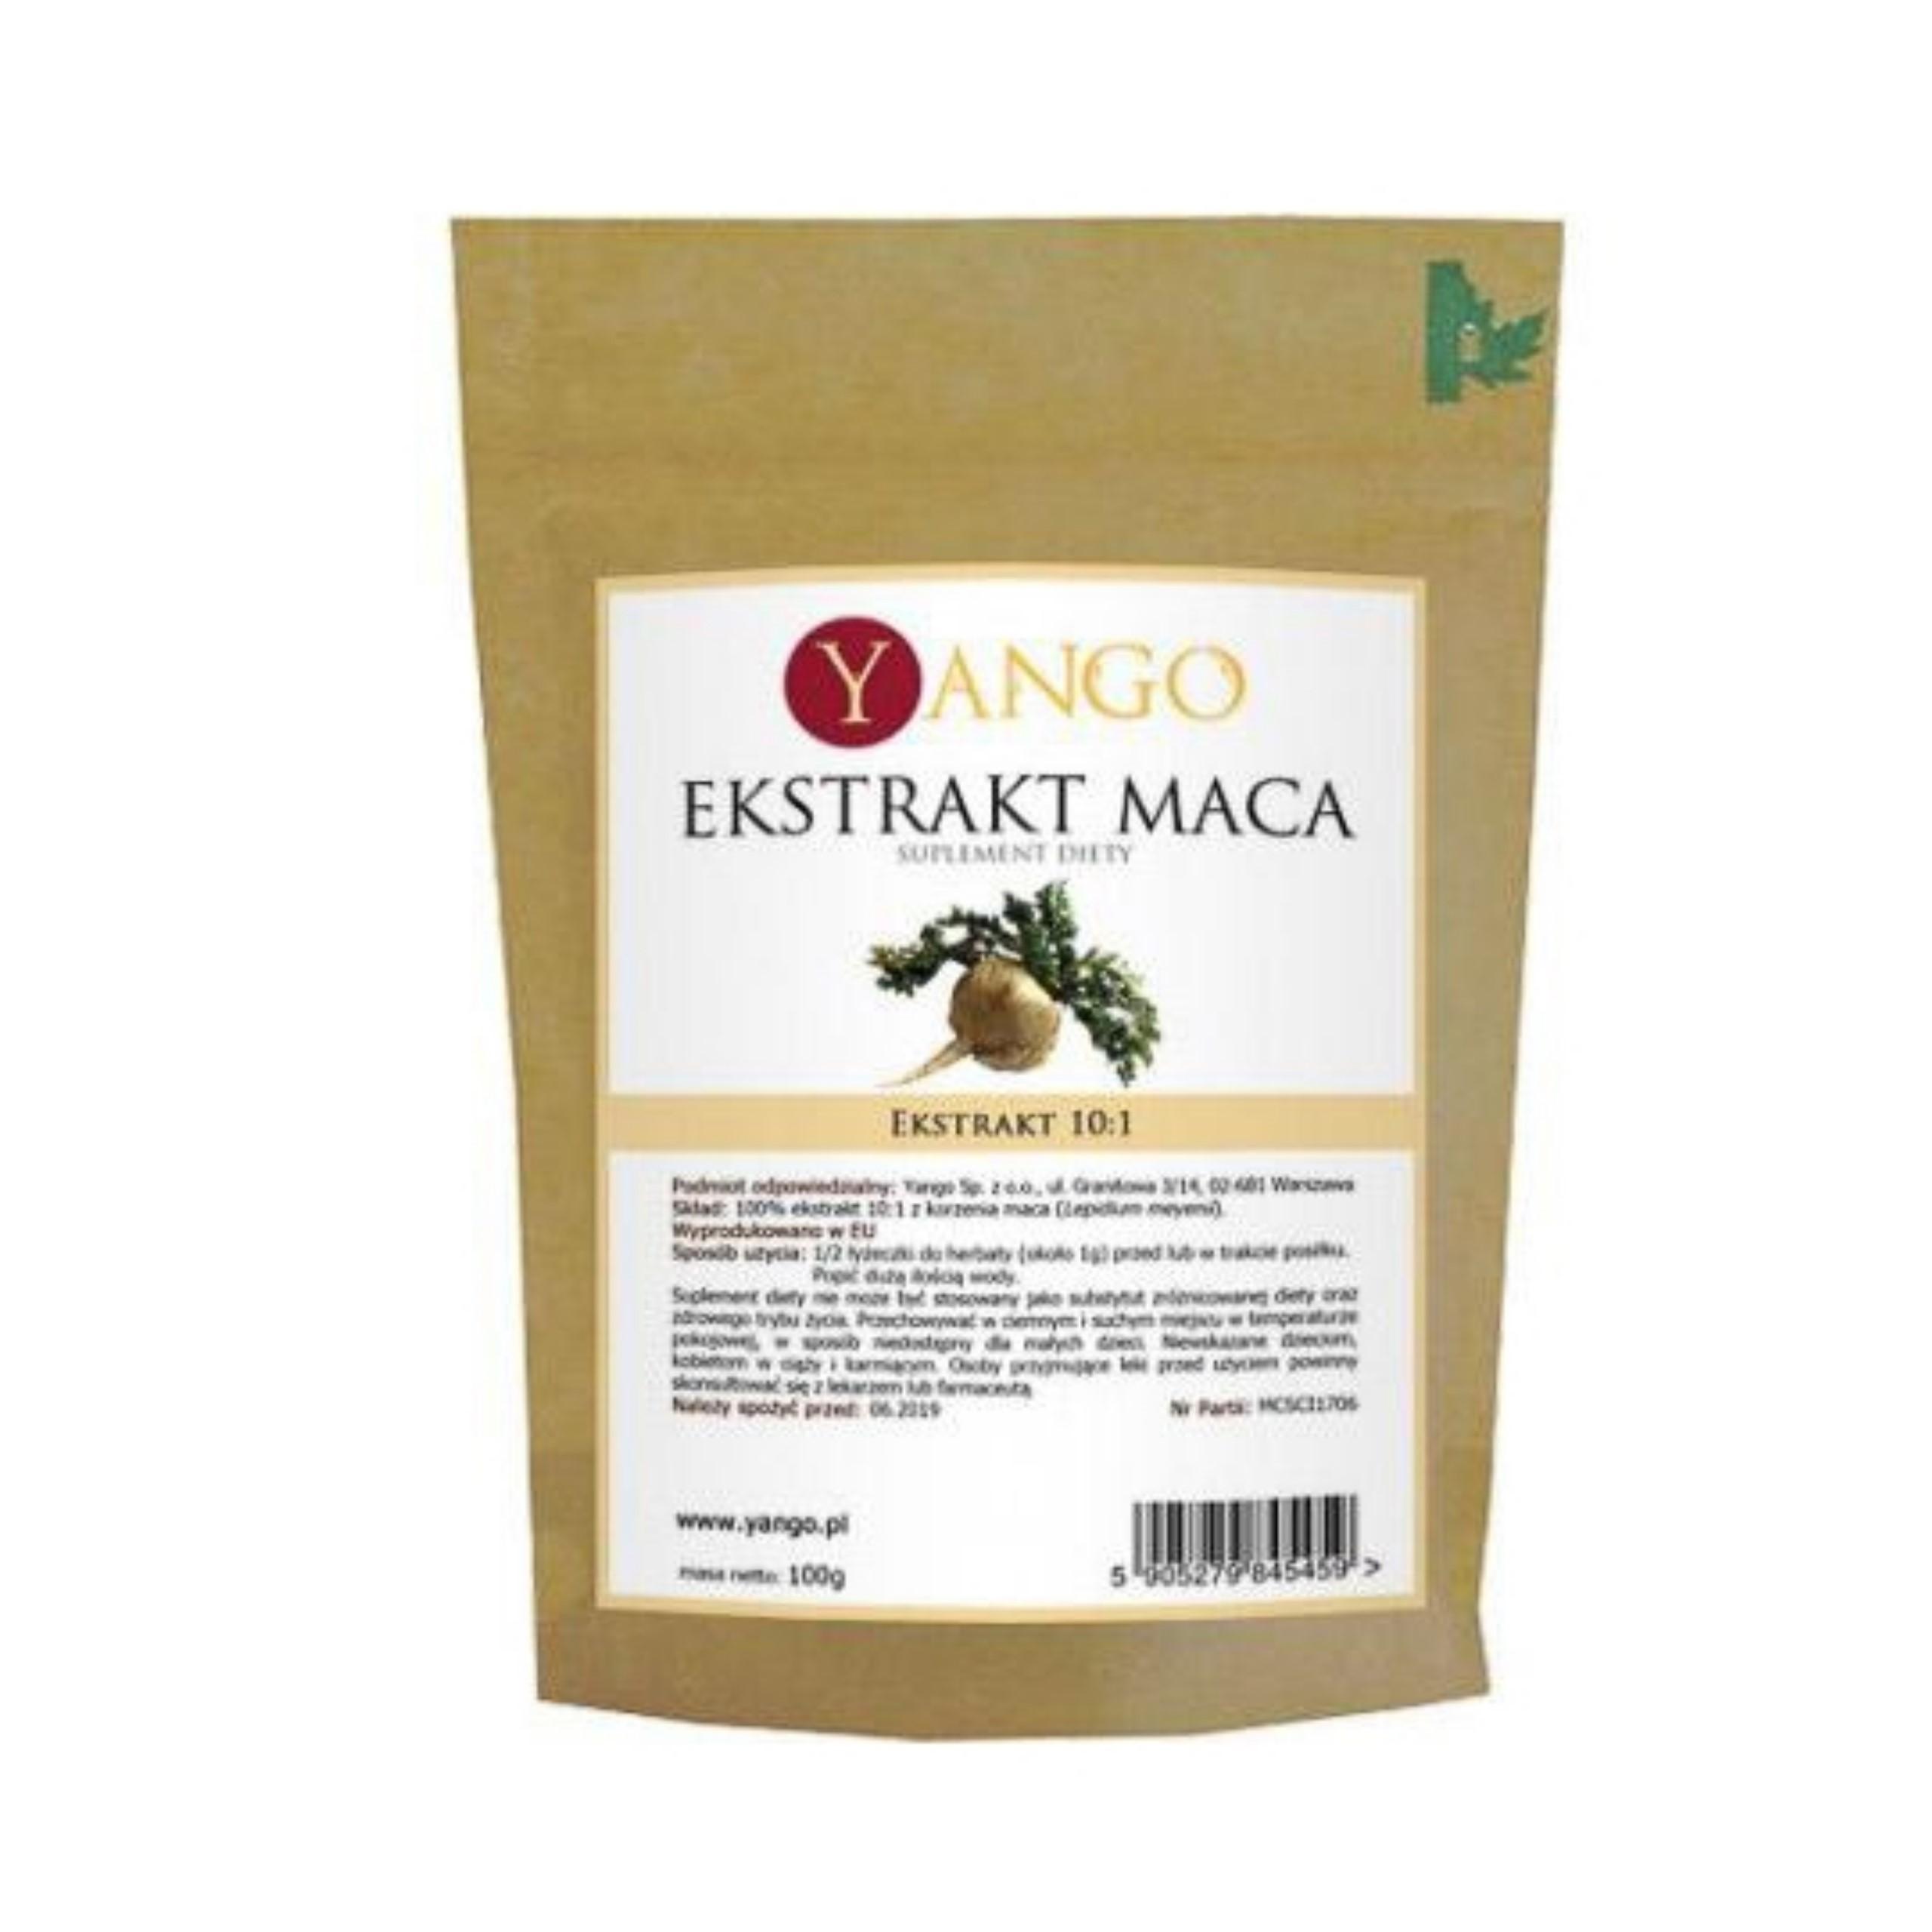 Korzeń Maca - ekstrakt 10:1 - 100g YANGO APTEKA